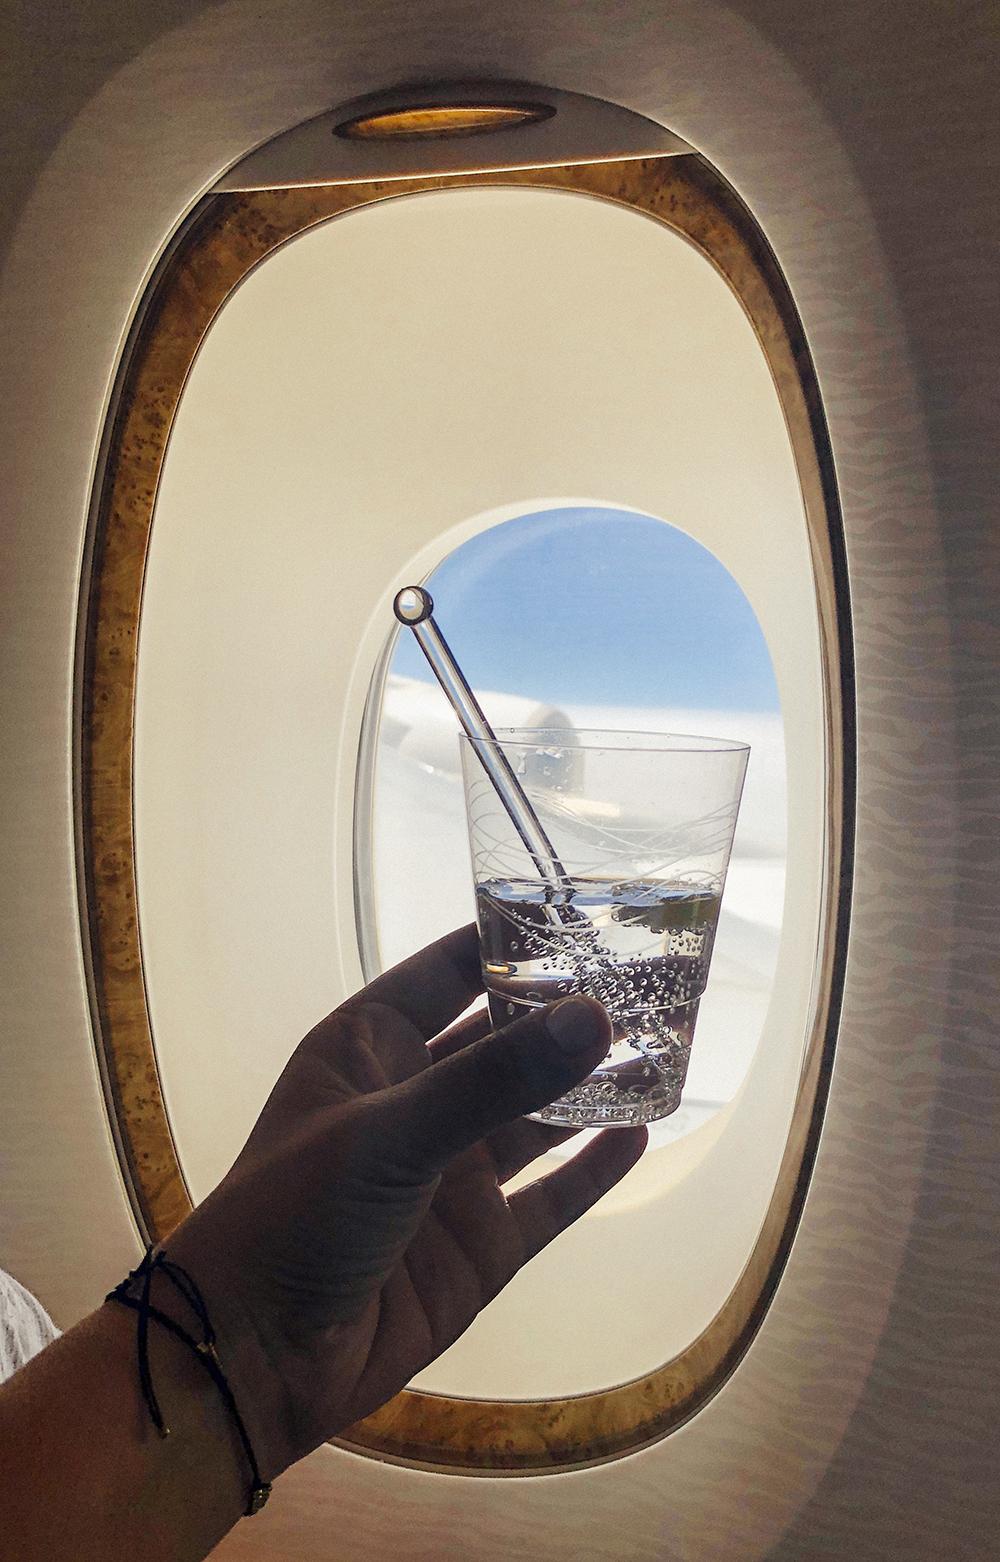 Emirates flight stylesnooperdan.jpg